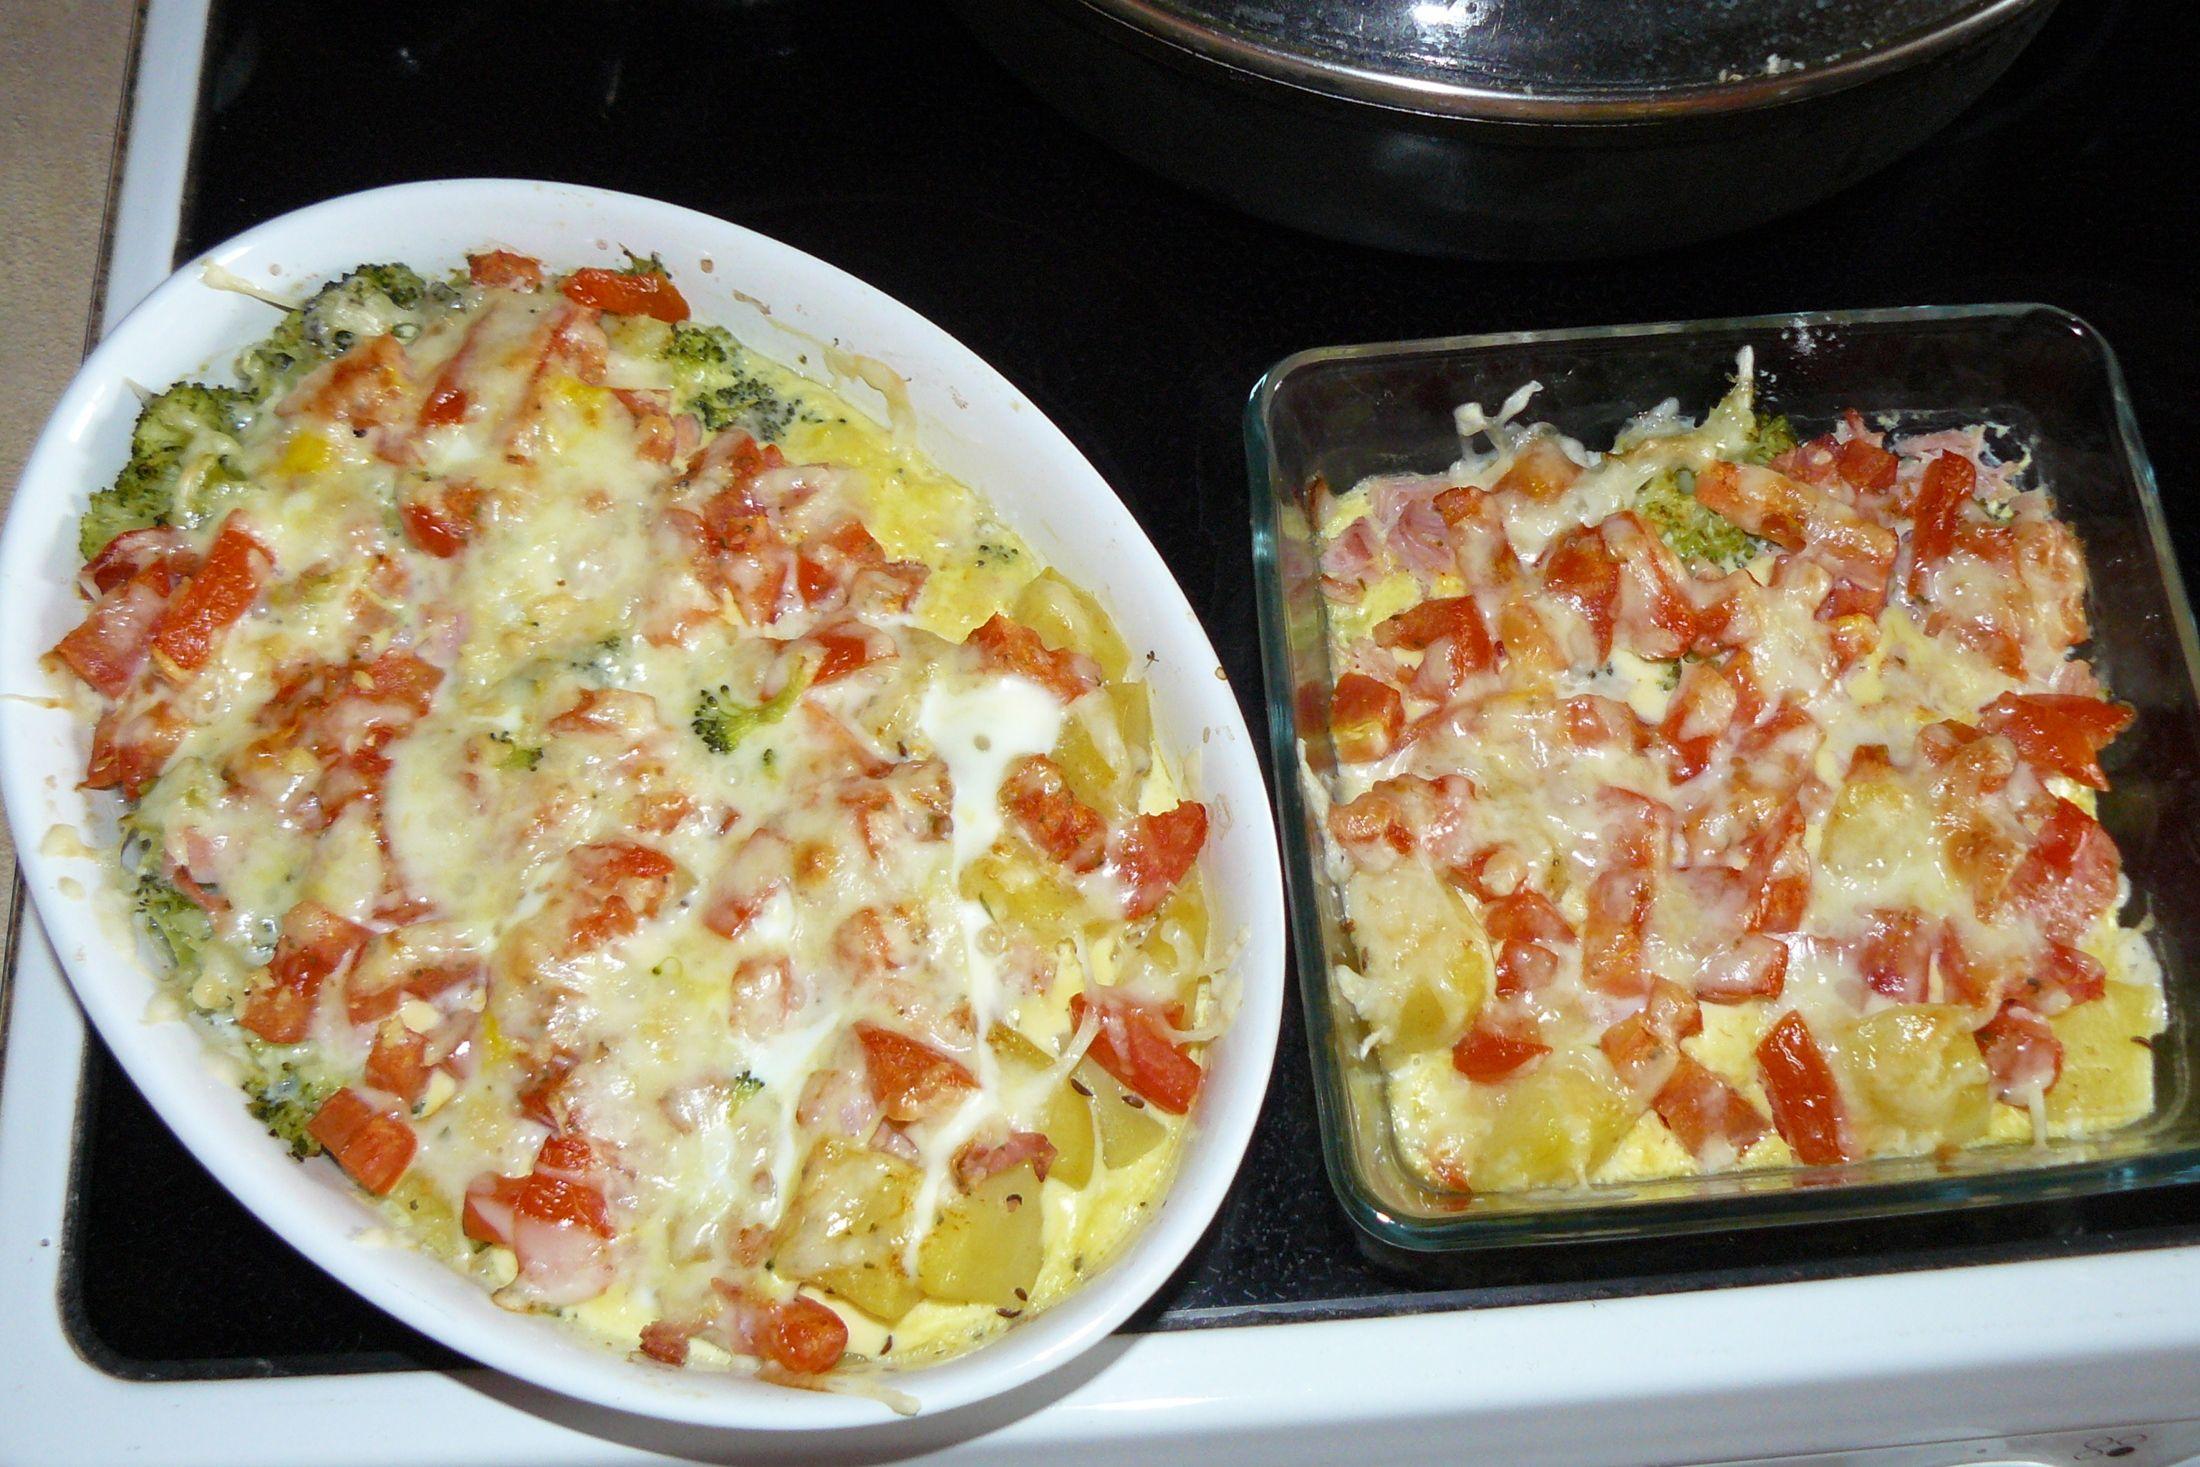 Recept Výborná zapečená brokolice se sýrem - Výborná zapečená brokolice se sýrem